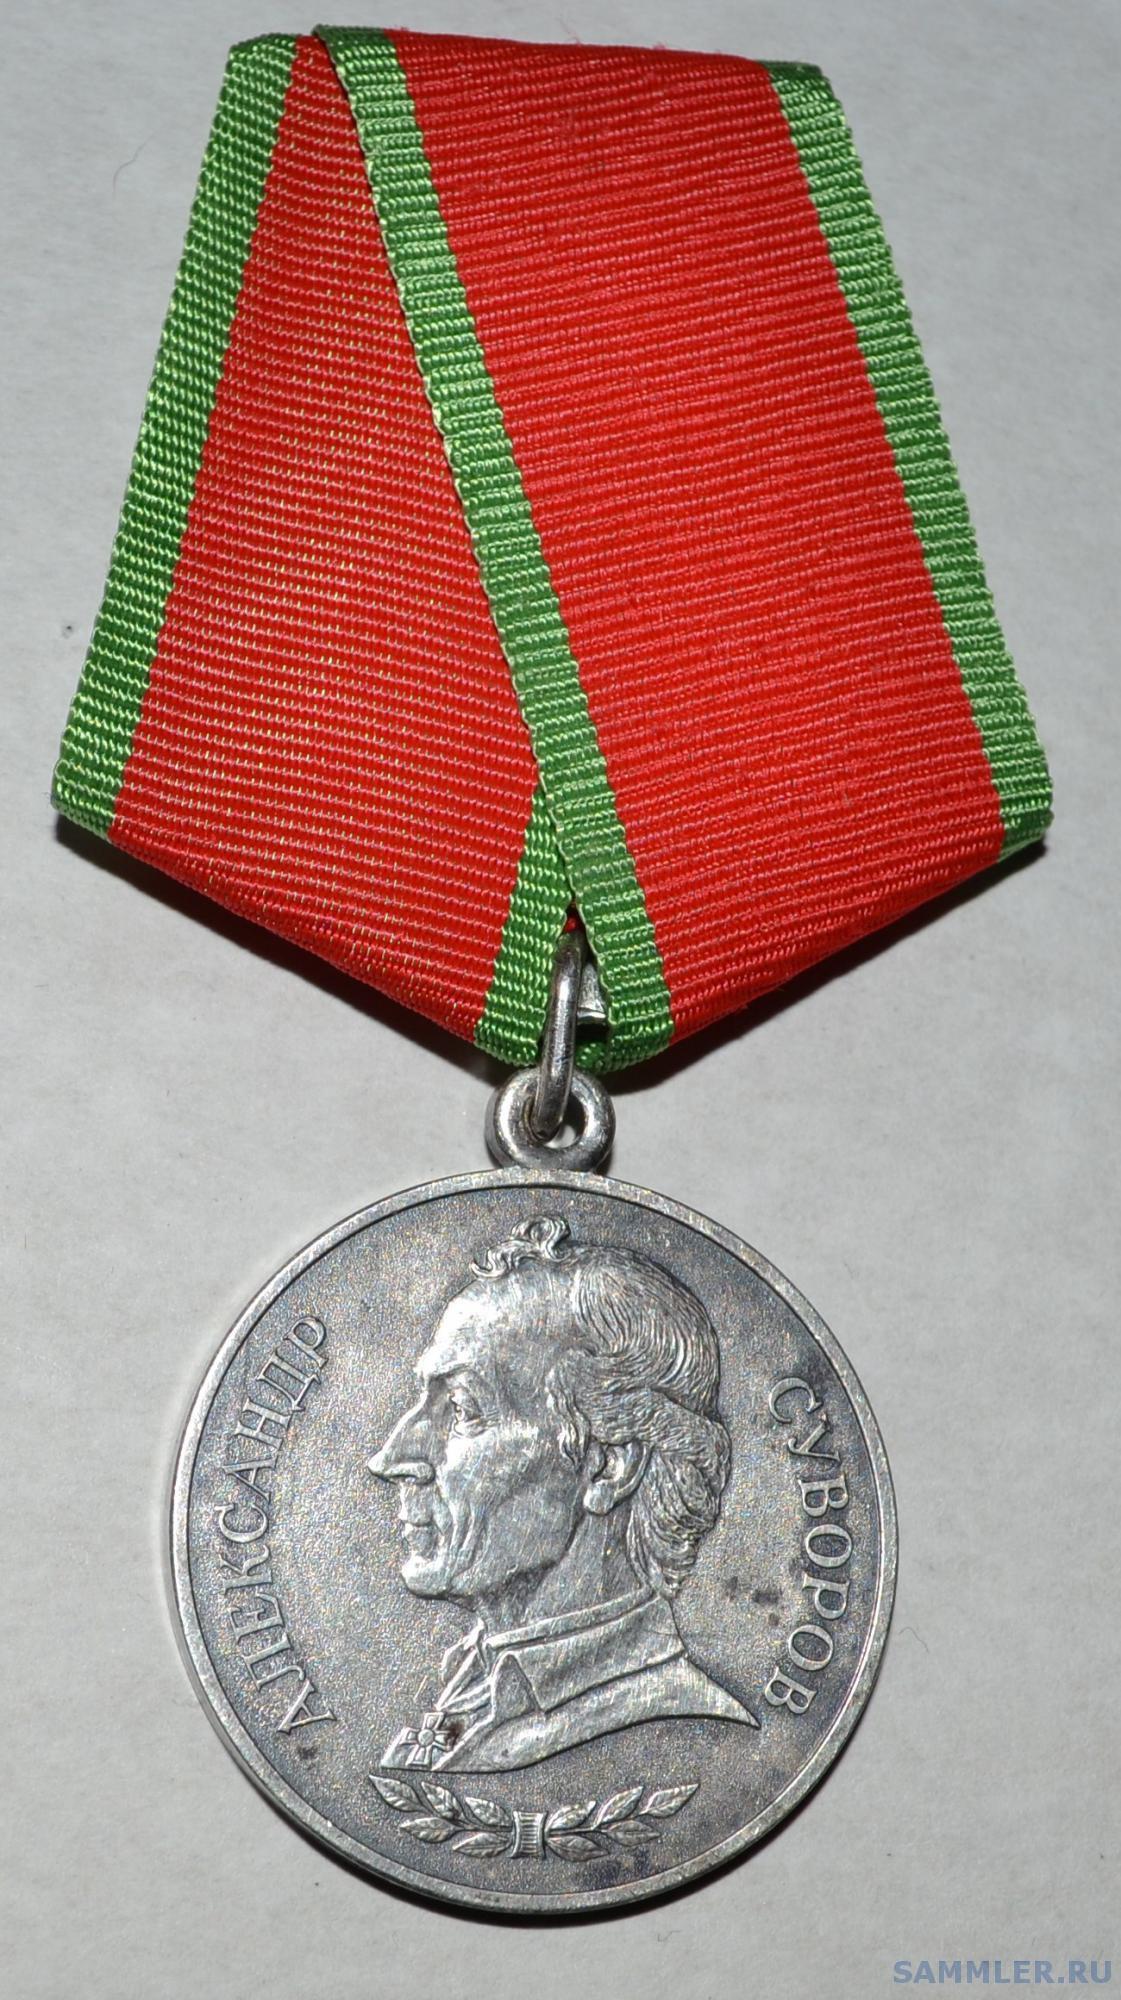 Медаль Суворова. Россия